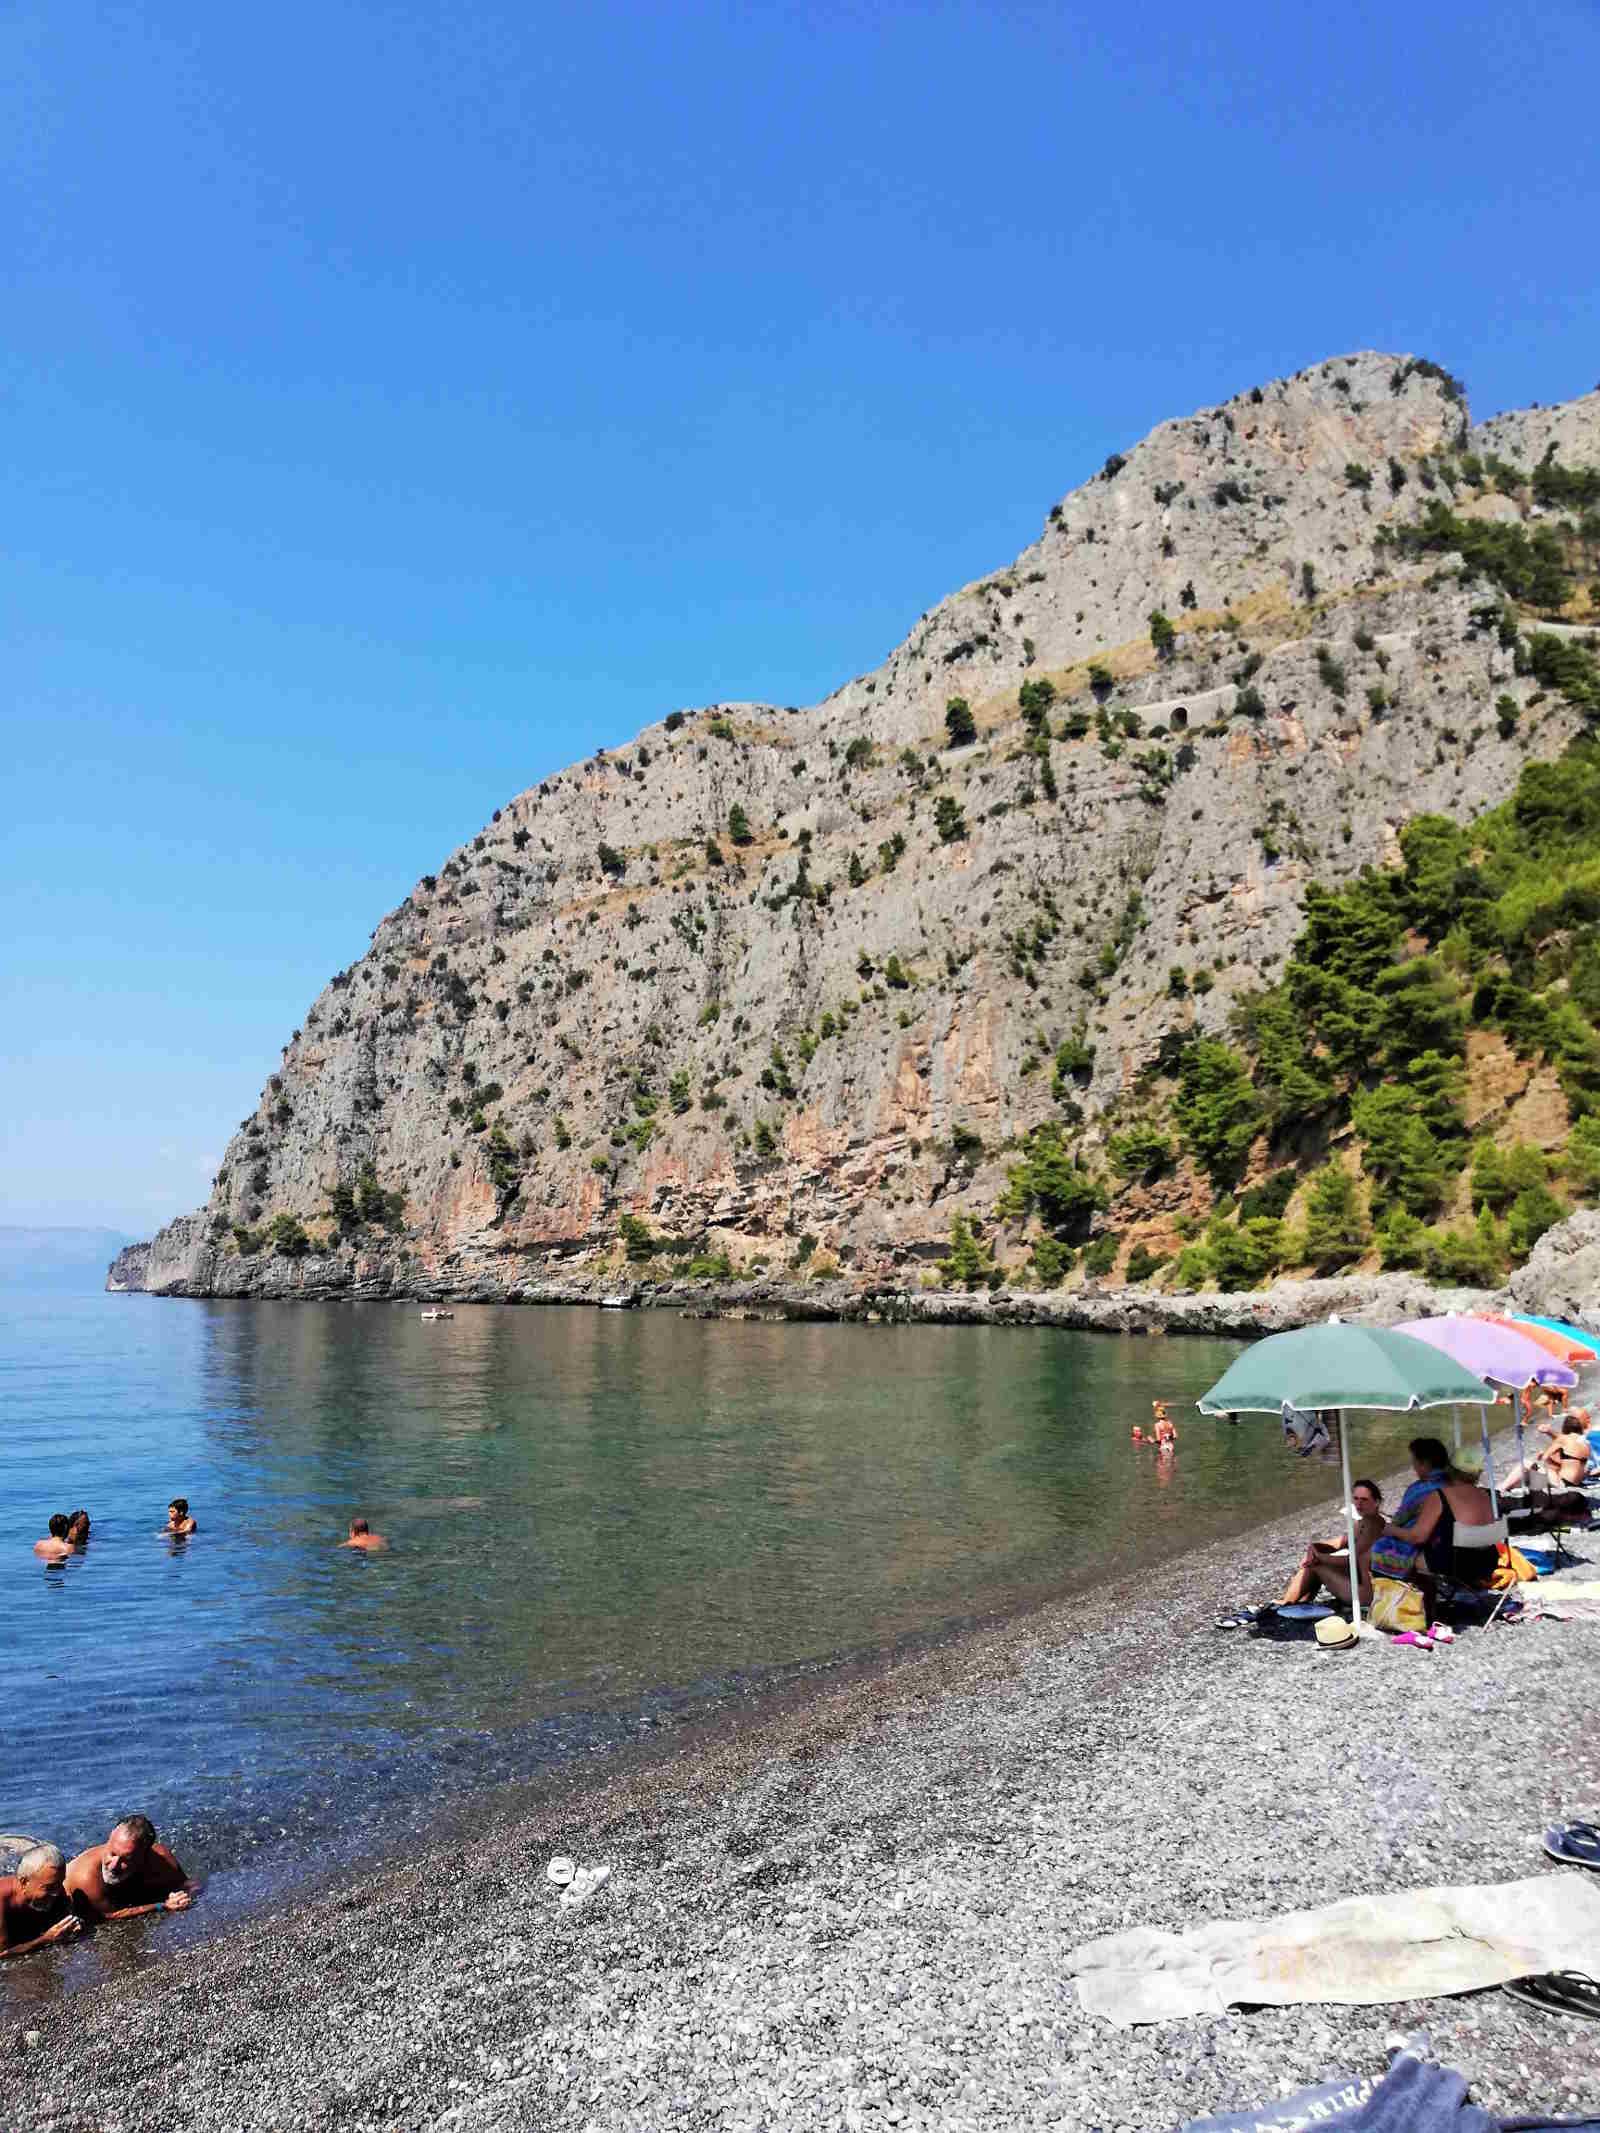 Spiagge più belle d'Italia in Basilicata Spiaggia dell'Anginara ad Acquafredda.